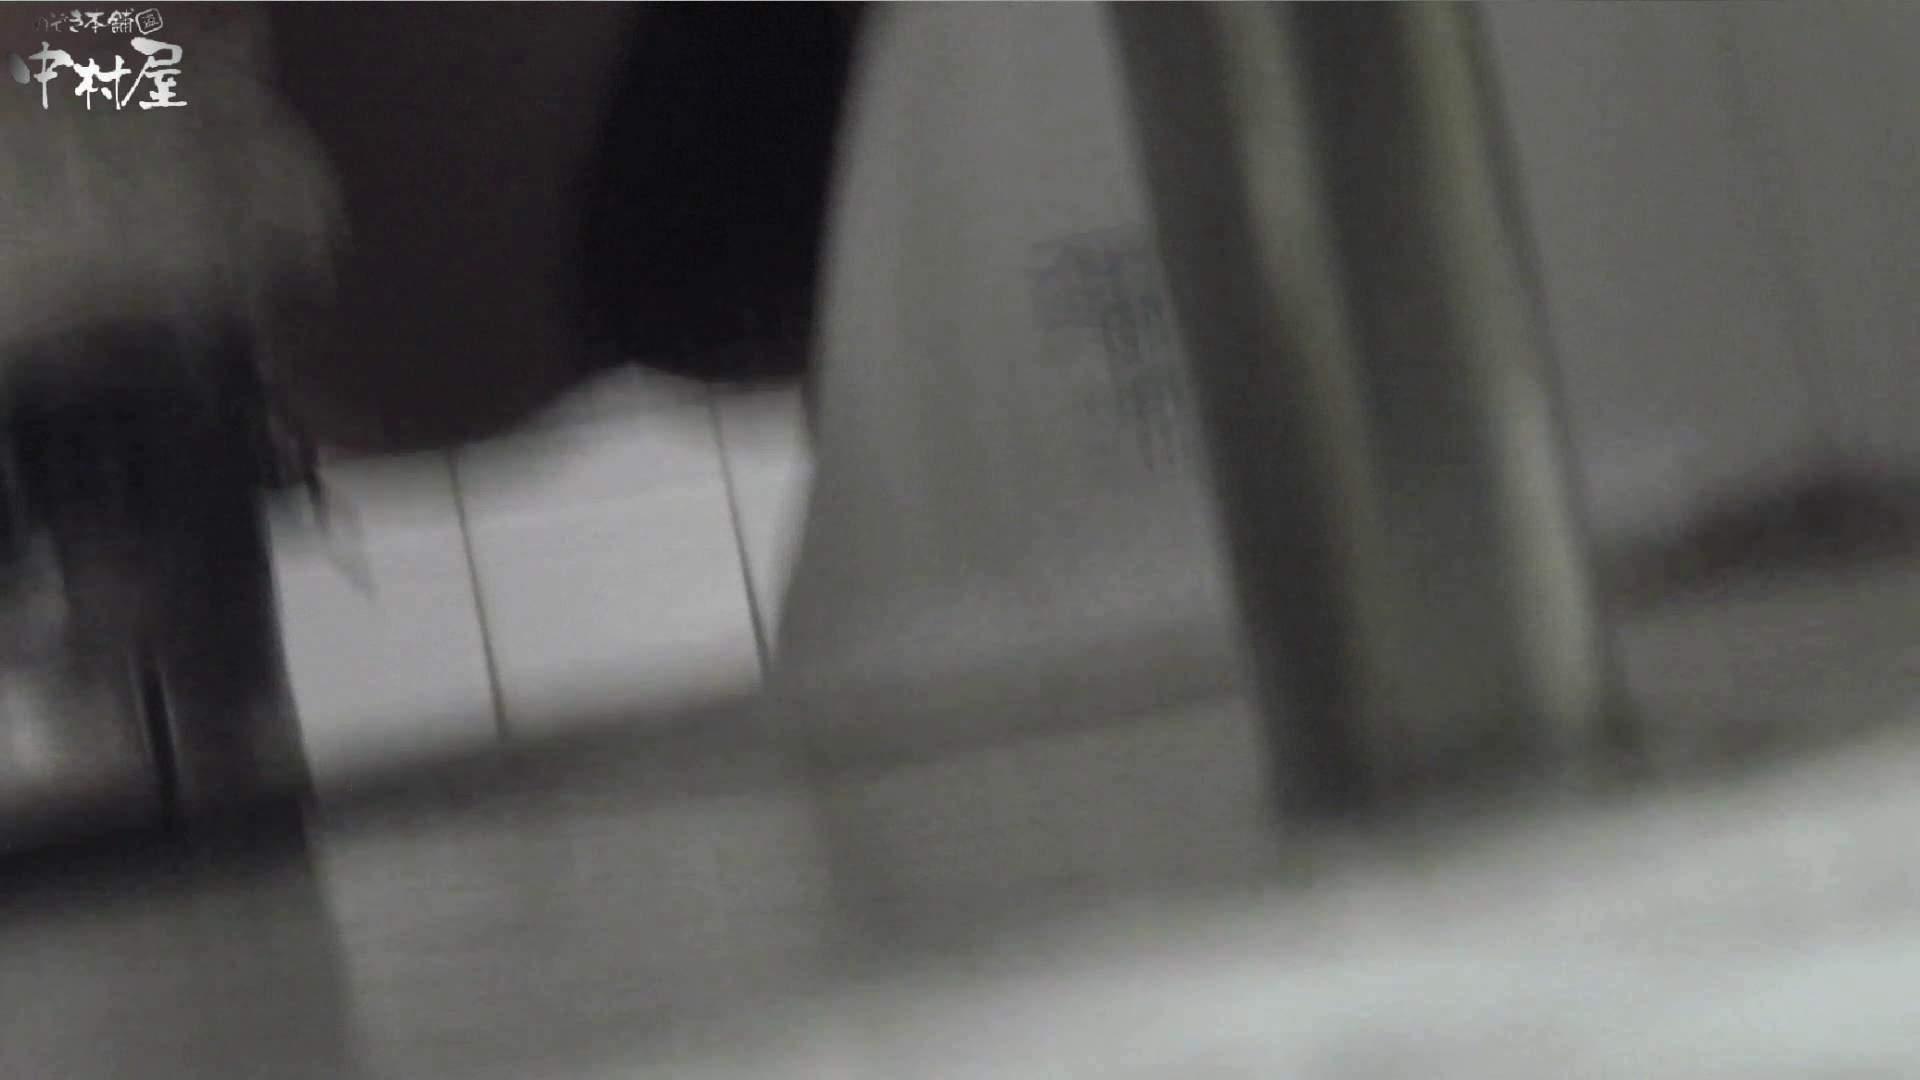 vol.09 命がけ潜伏洗面所! ハミ具さま 潜入シリーズ | プライベート  71pic 48